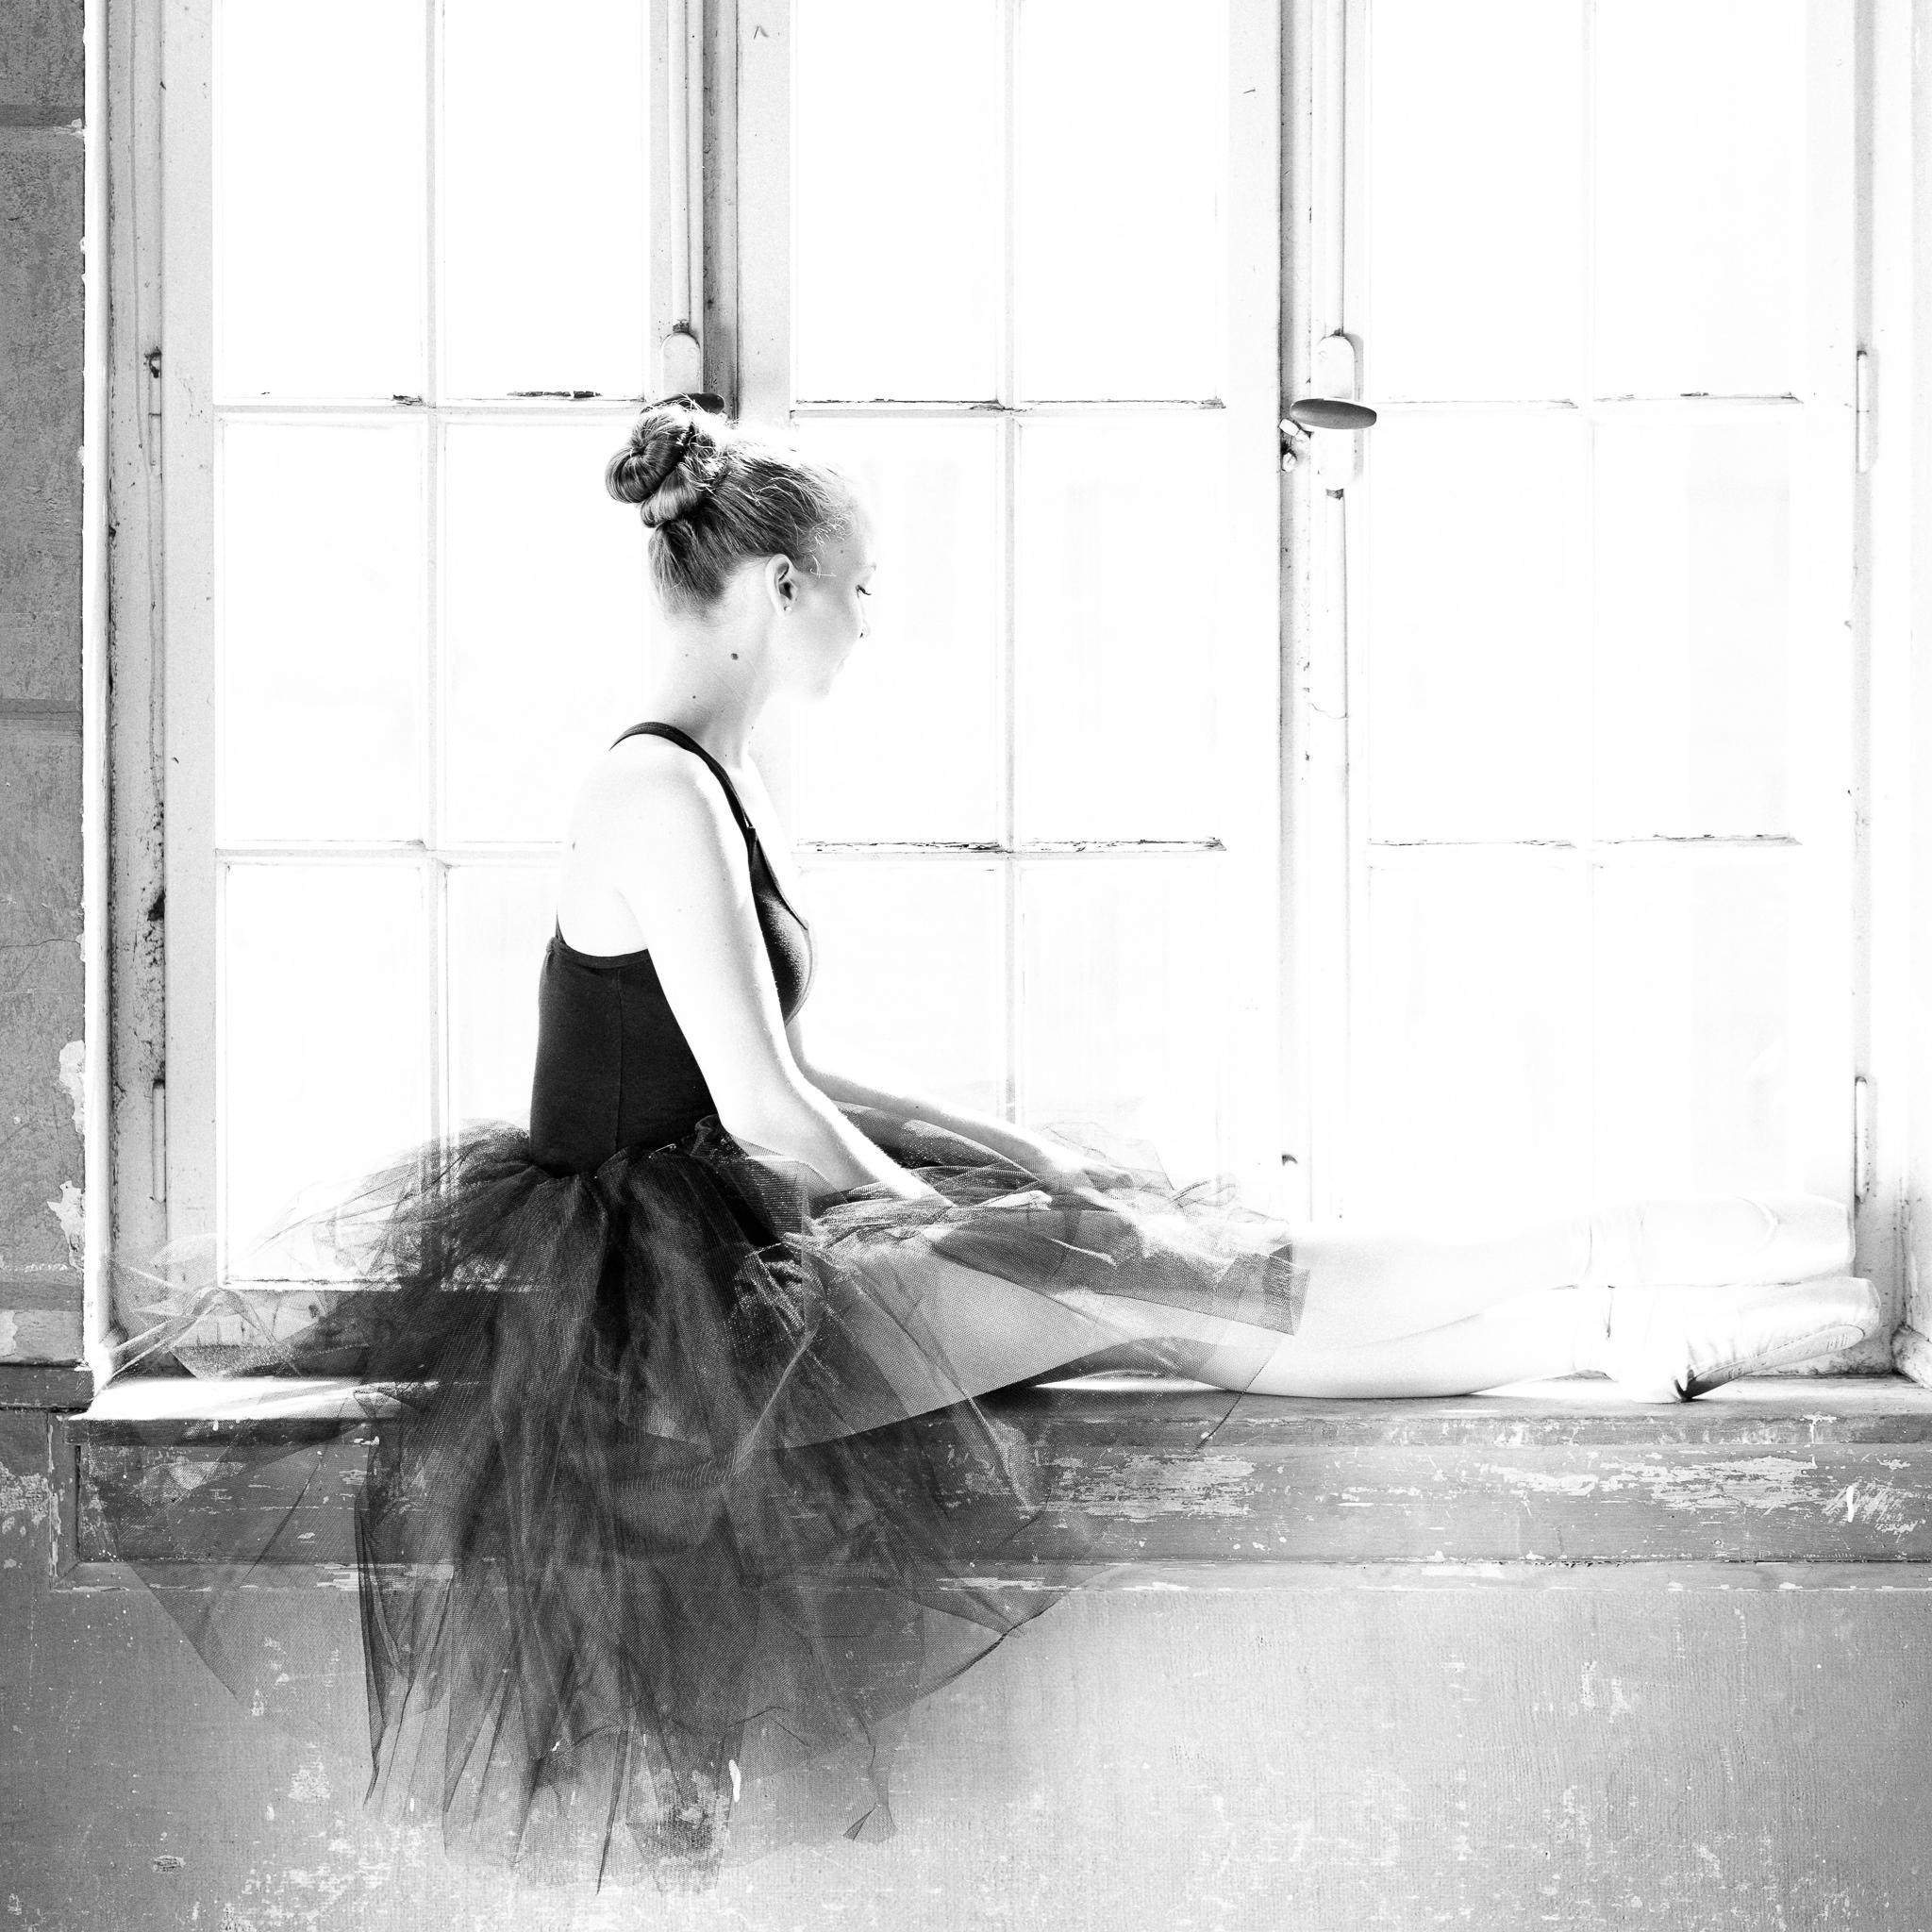 Ballett - Diana im Gegenlicht des Fensters